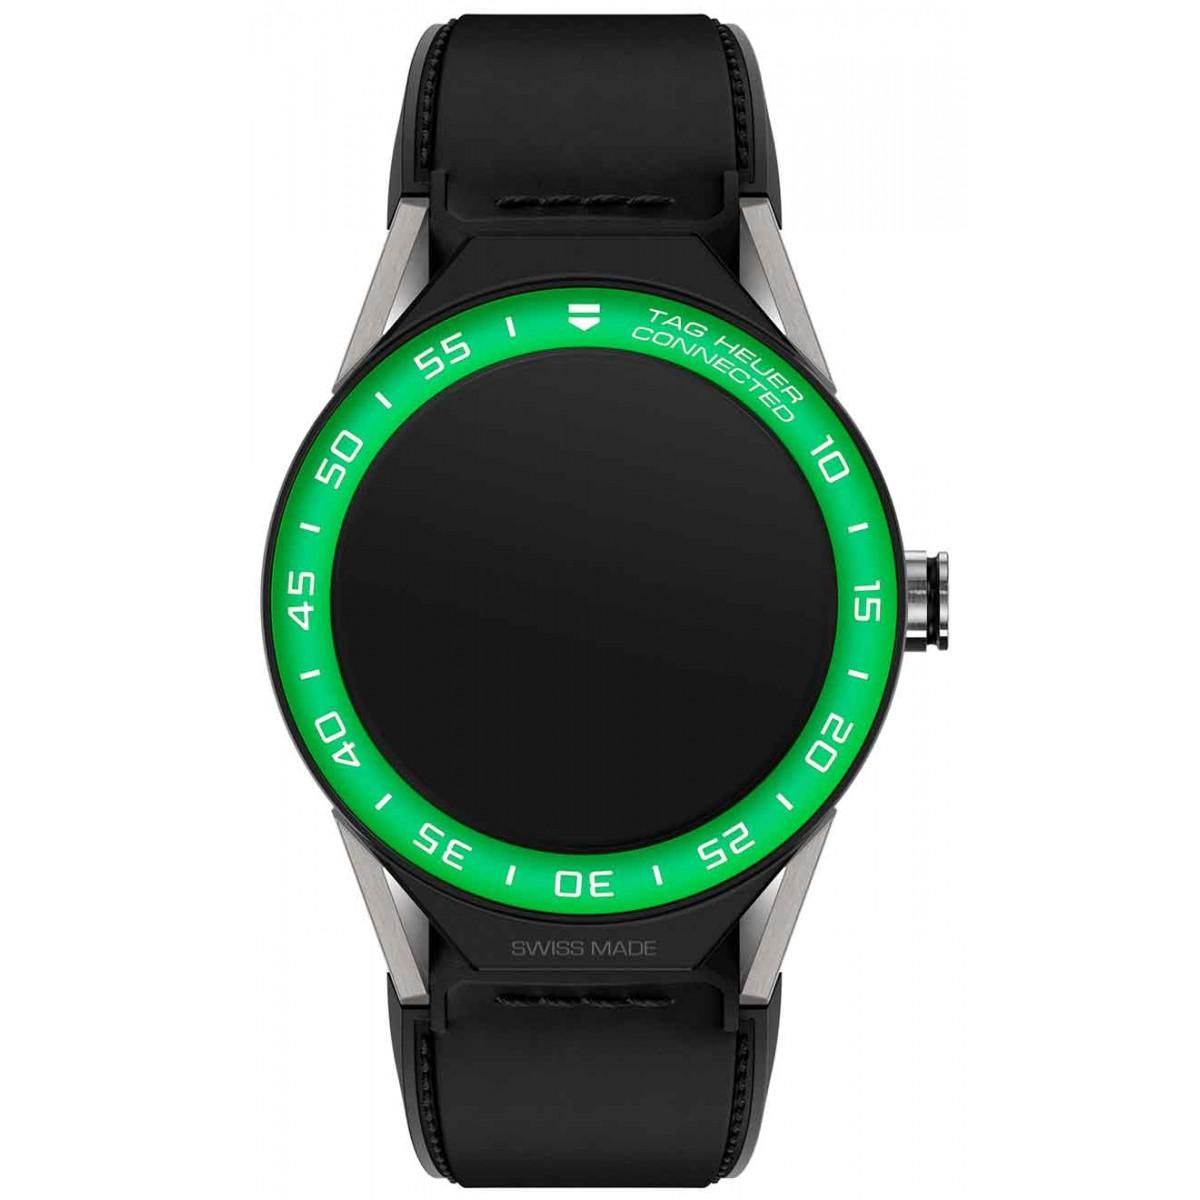 TAG HEUER CONNECTED MODULAR 45 50 M - ∅45 mm Correa de piel de becerro negra con bisel de aluminio verde